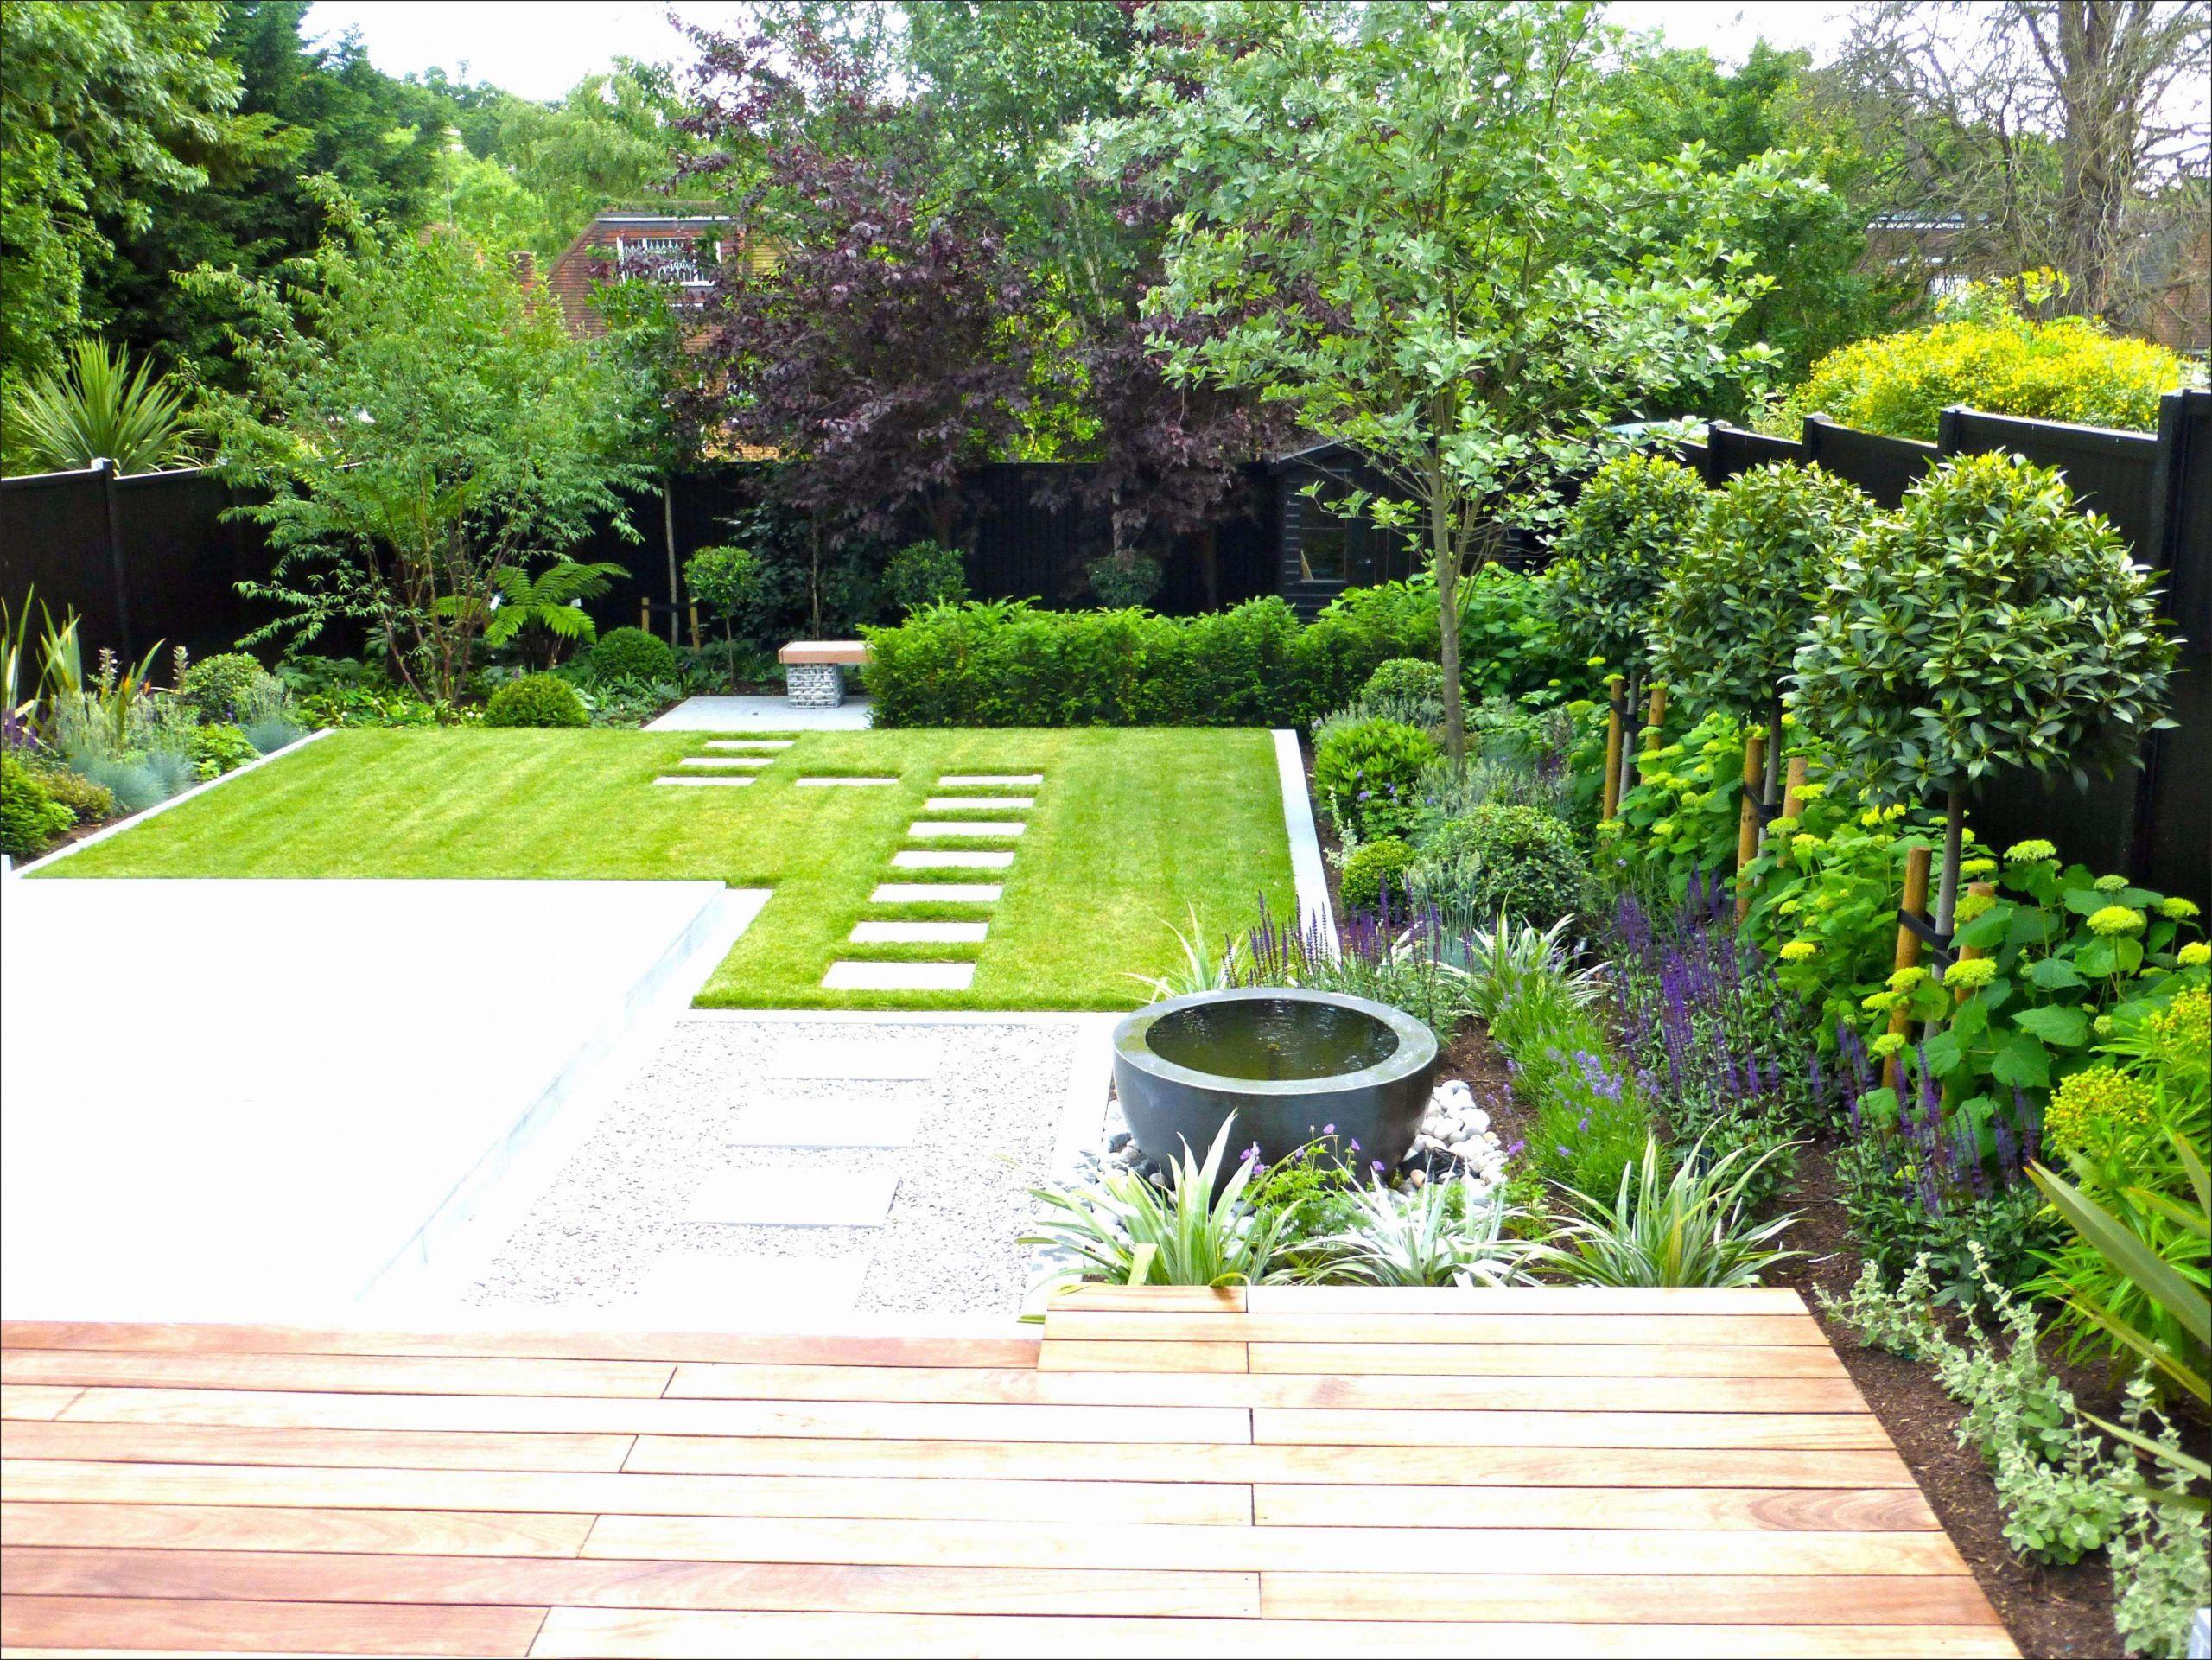 37 frisch kleinen garten gestalten vorher nachher kleiner reihenhausgarten gestalten kleiner reihenhausgarten gestalten